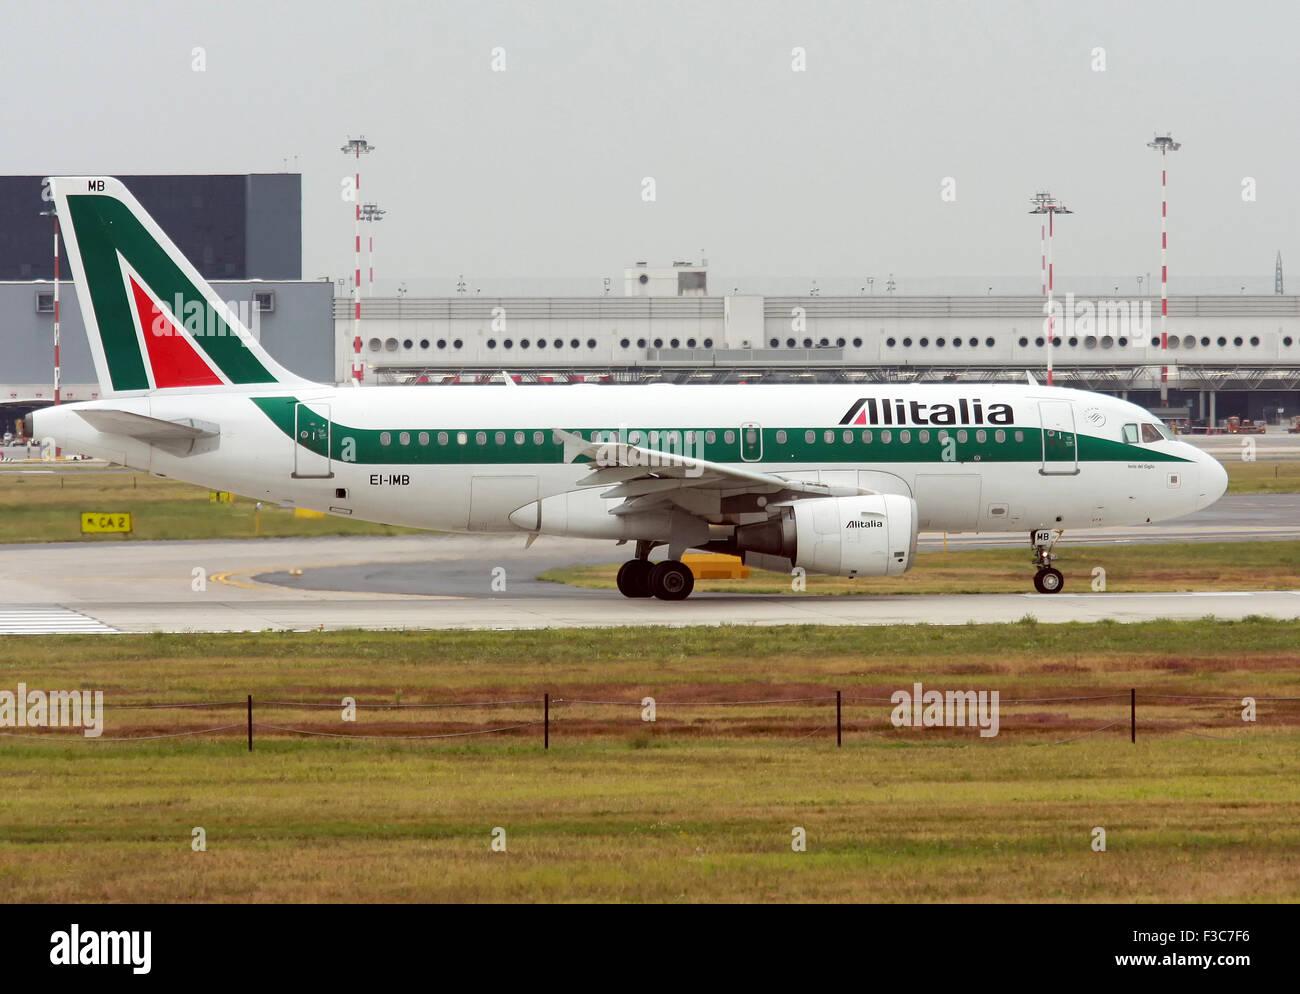 Airbus A319-112 de Alitalia. Fotografiado en el aeropuerto de Linate, Milán, Italia Foto de stock